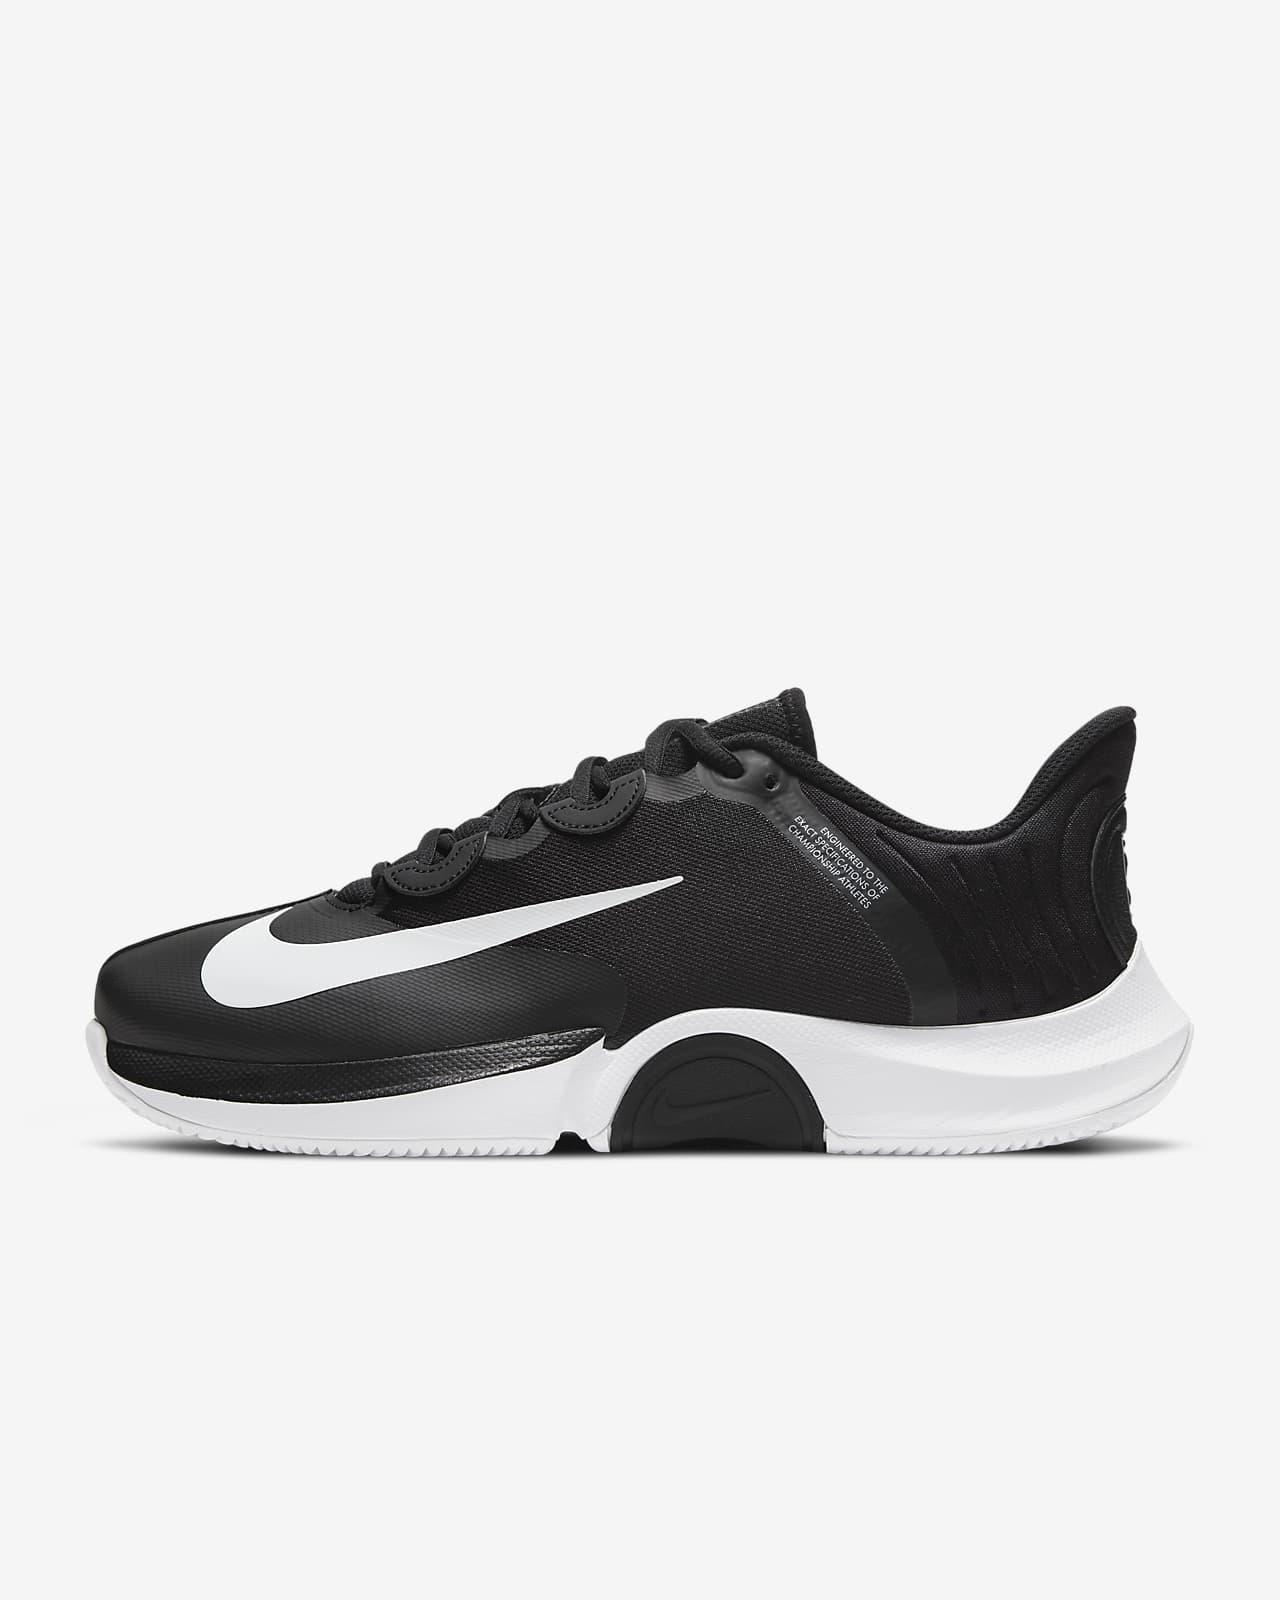 Sapatilhas de ténis para piso duro NikeCourt Air Zoom GP Turbo para homem